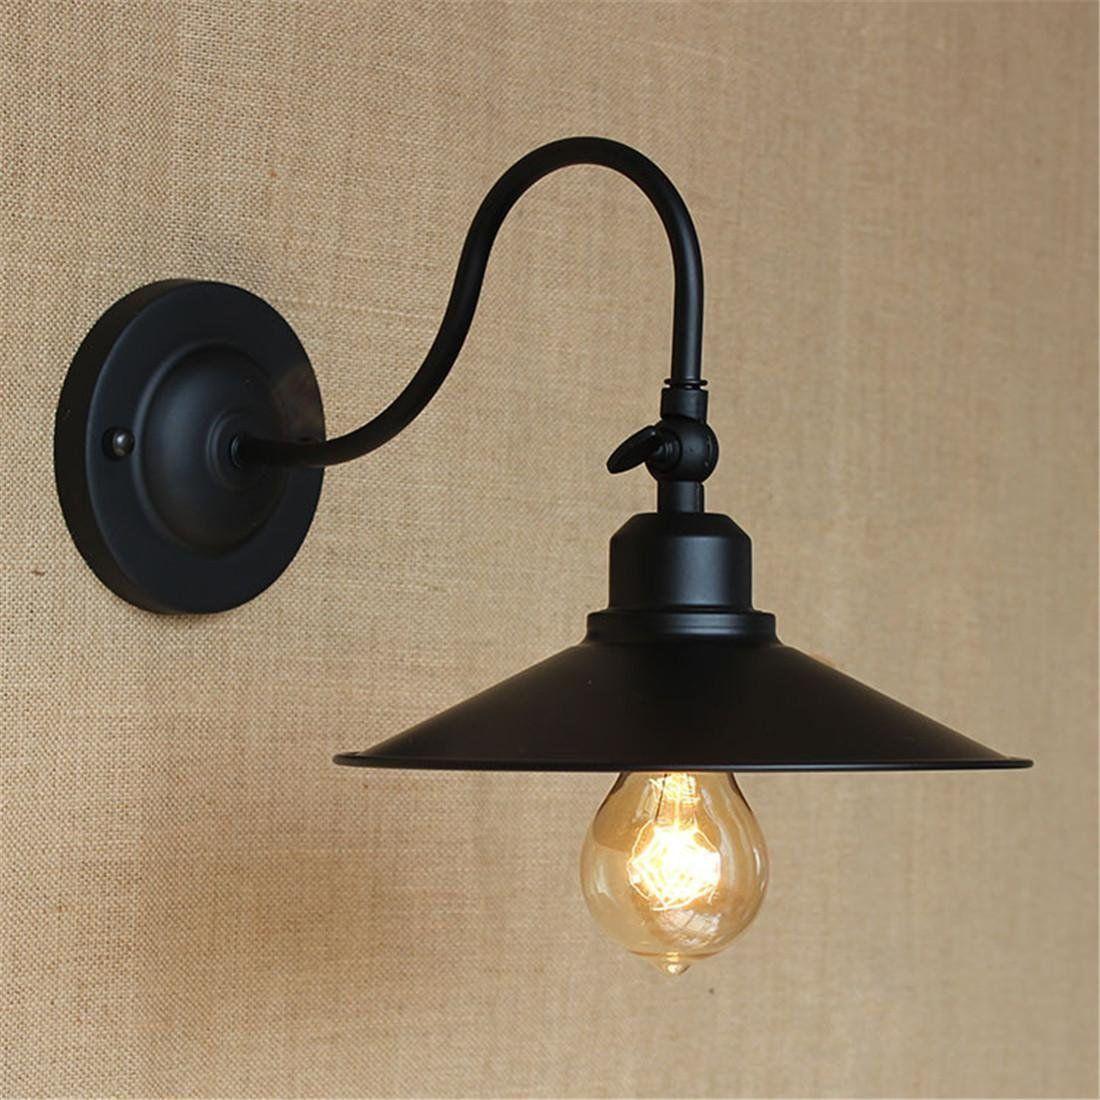 HJLHYLBDR American Retro Lampe Outdoor Antike Einfachheit Kreative Personlichkeit Europaische Industrielle Eisen Schlafzimmer